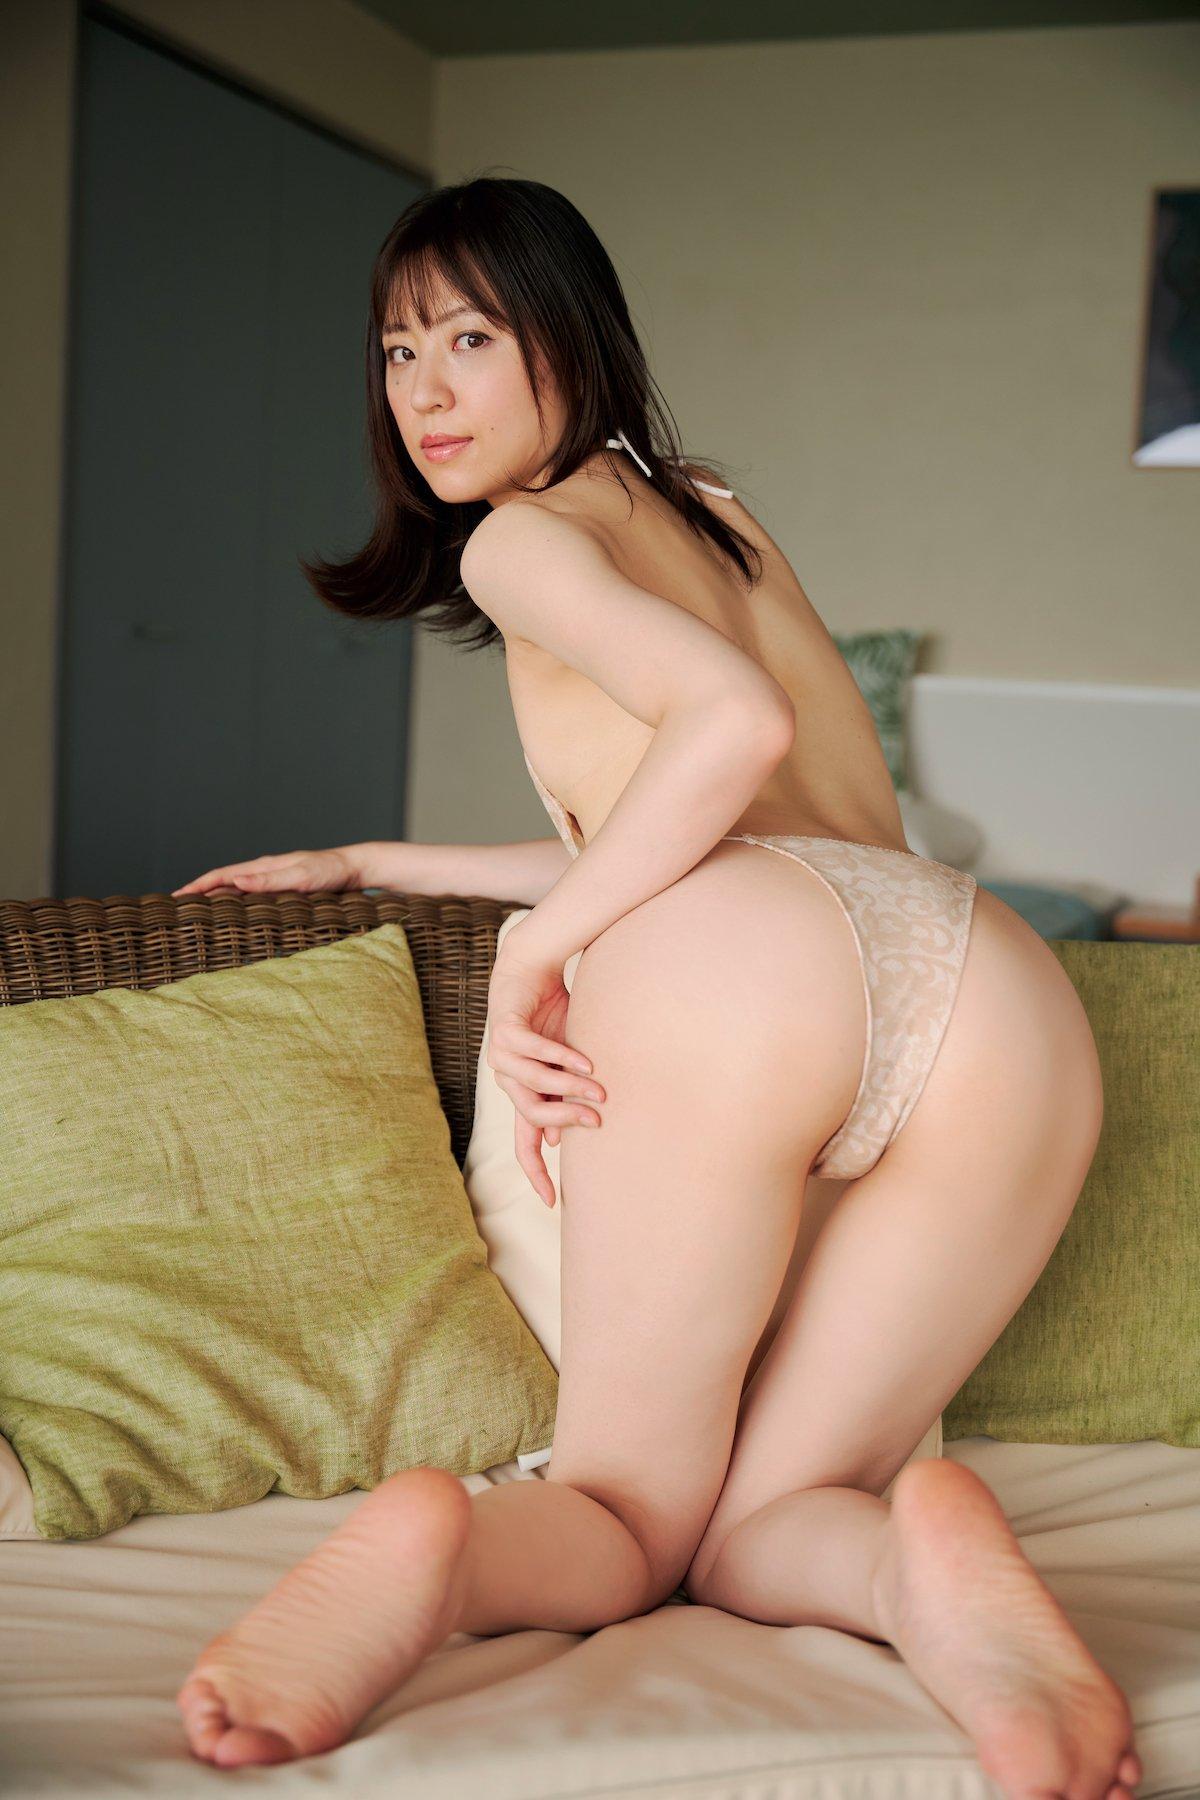 船岡咲「元ジュニアモデル」スレンダー美女のぷりぷり尻【画像10枚】の画像006